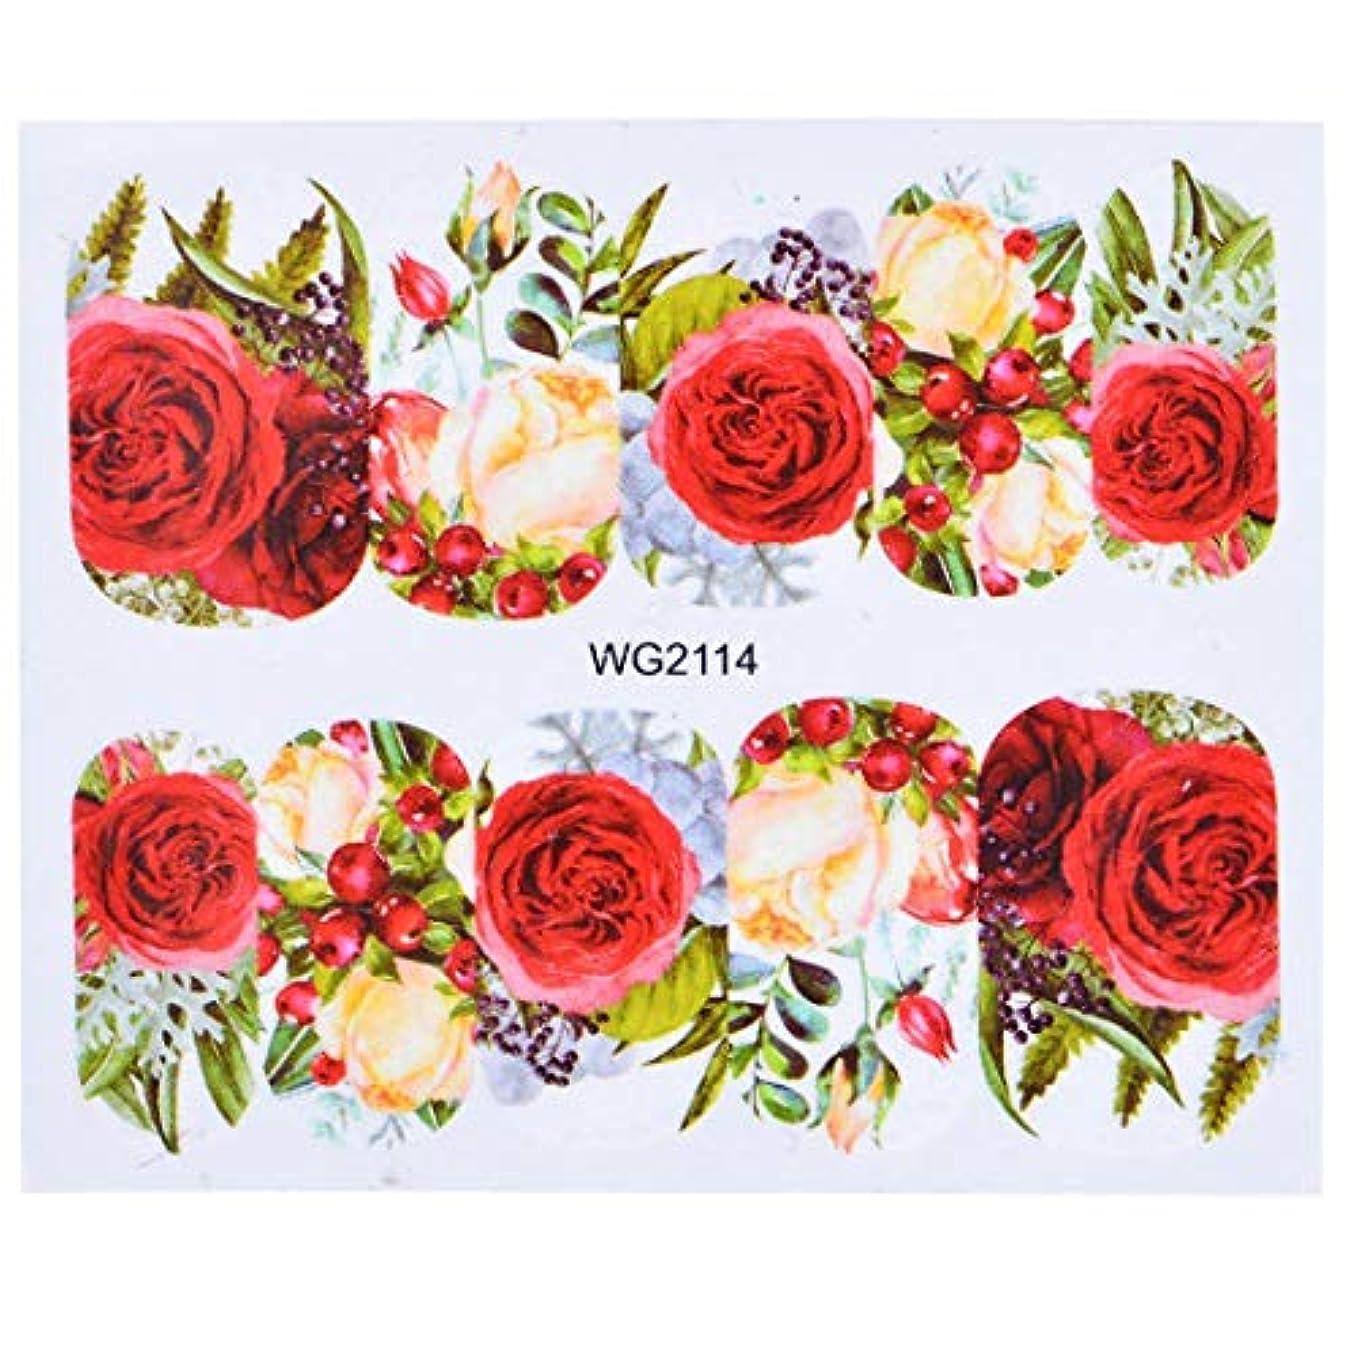 地獄スタンドとげSUKTI&XIAO ネイルステッカー 1枚の美しいロマンチックなステッカー赤いスカートの女の子のネイルアートデザインマニキュア水転写デカールのヒントマニキュア、Wg2114